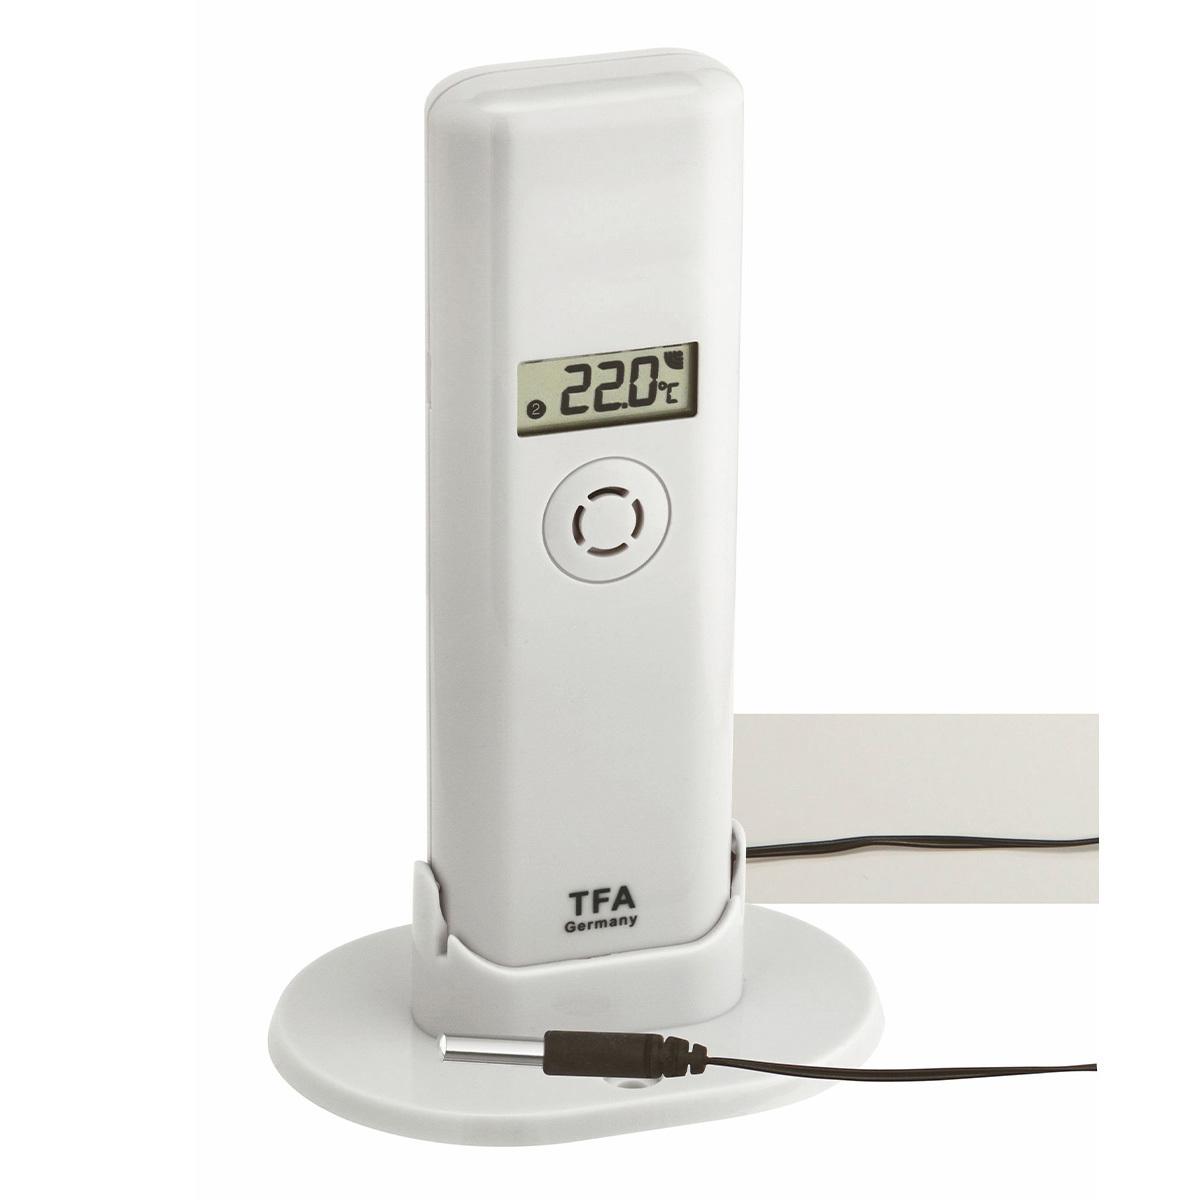 30-3302-02-thermo-hygro-sender-mit-profi-temperatur-kabelfühler-weatherhub-ansicht-1200x1200px.jpg